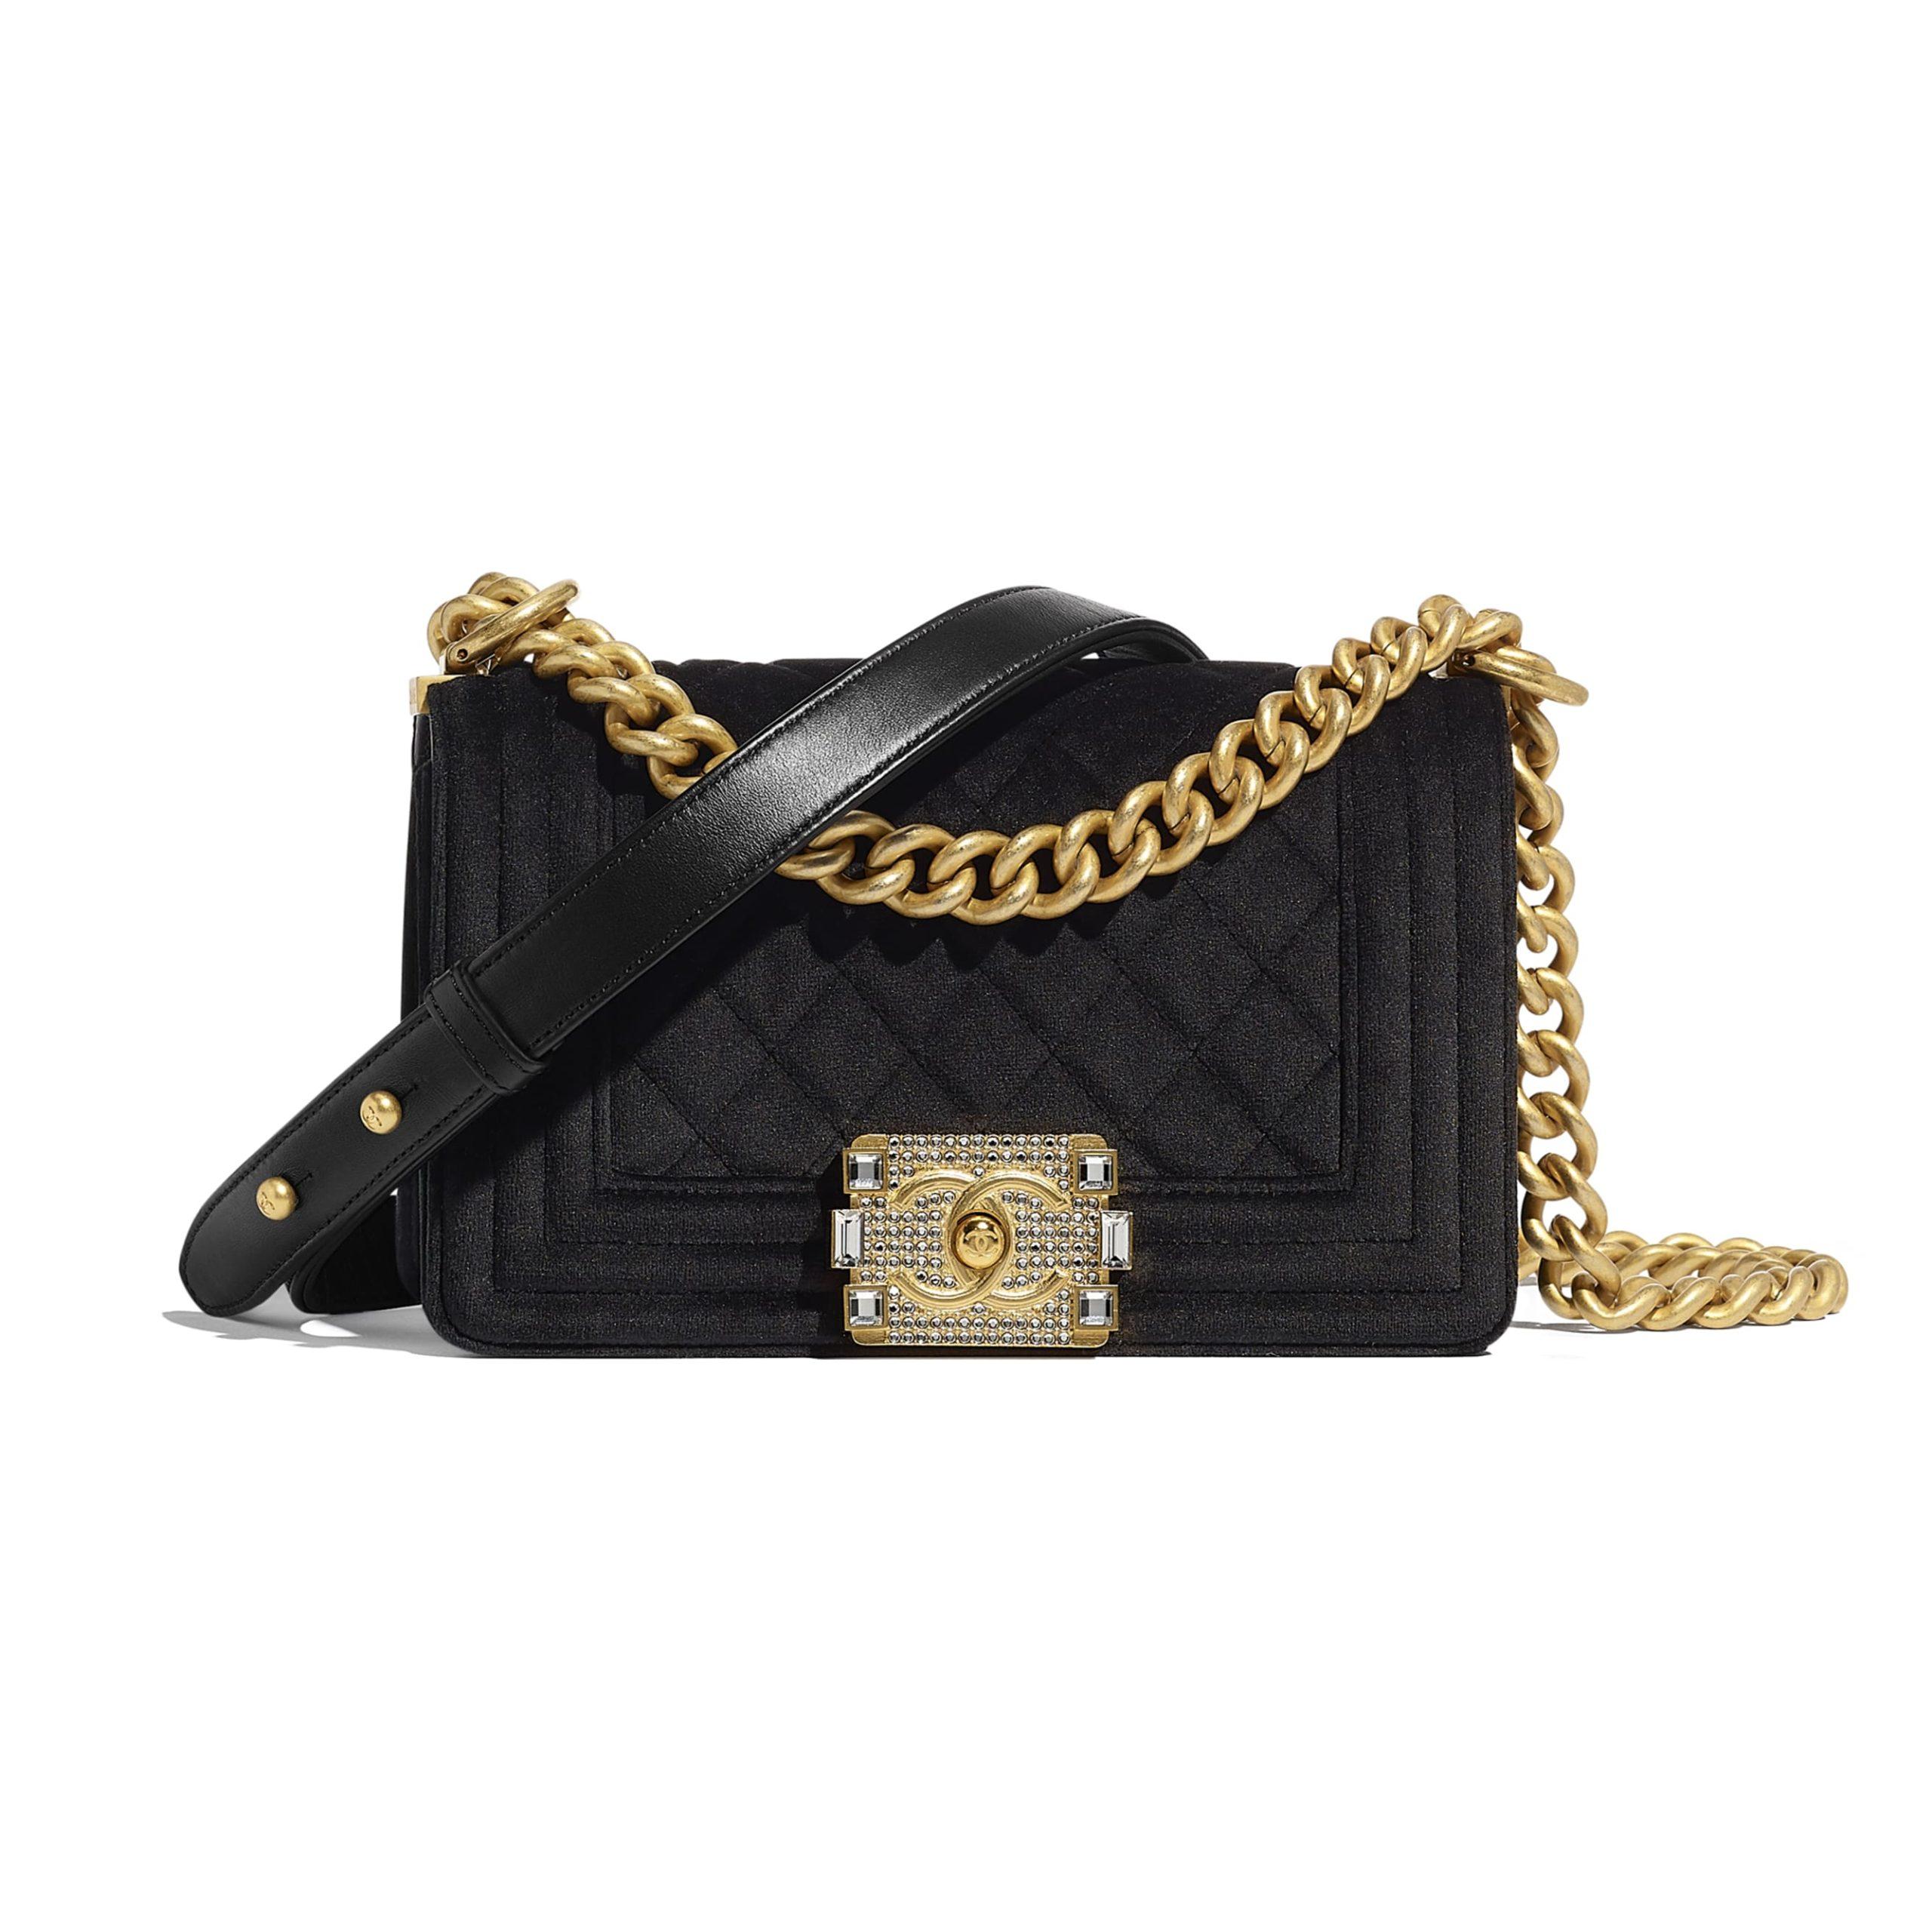 Почему стоит купить сумку Boy от Chanel и почему многим пора перестать покупать журнал Космополитен?